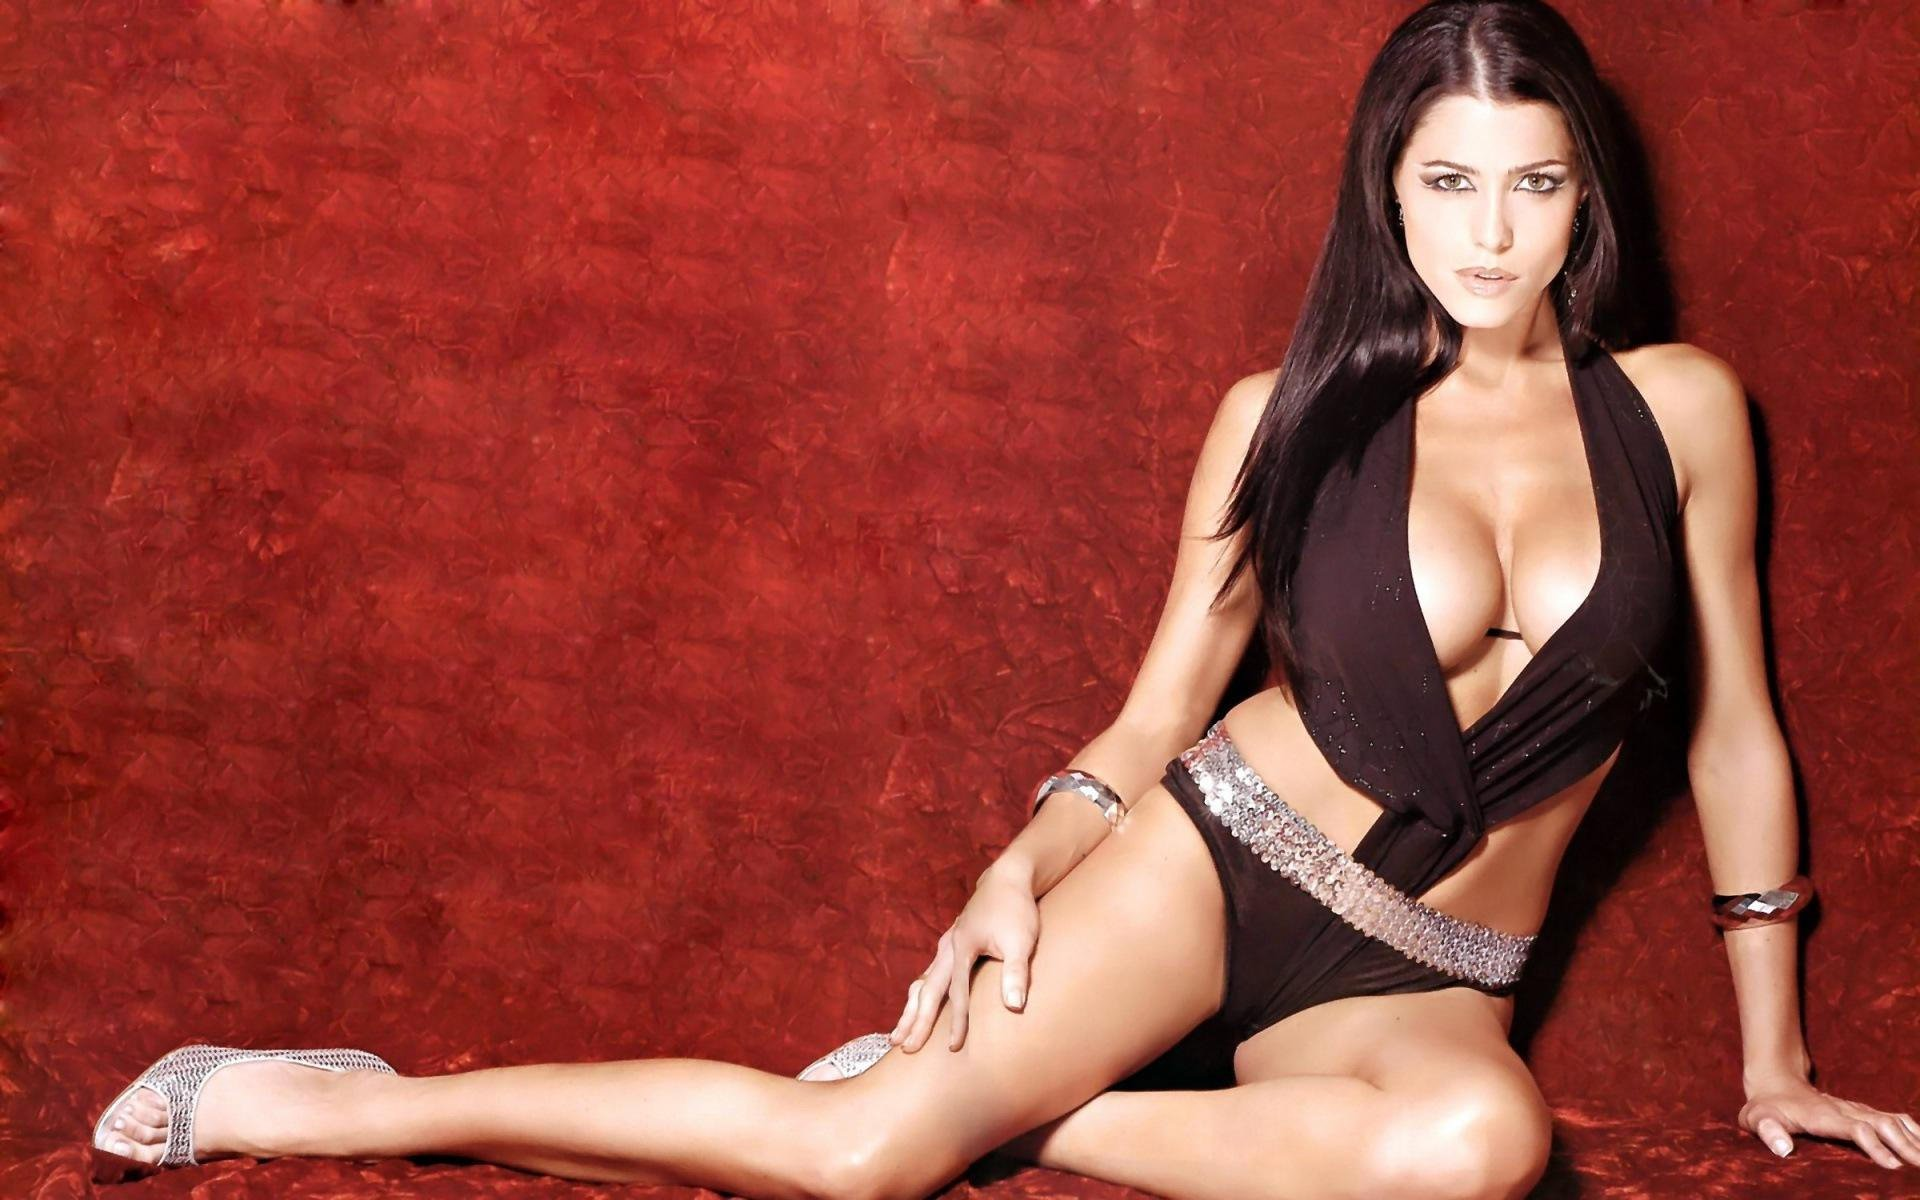 kartinki-na-rabochiy-stol-televedushih-eroticheskie